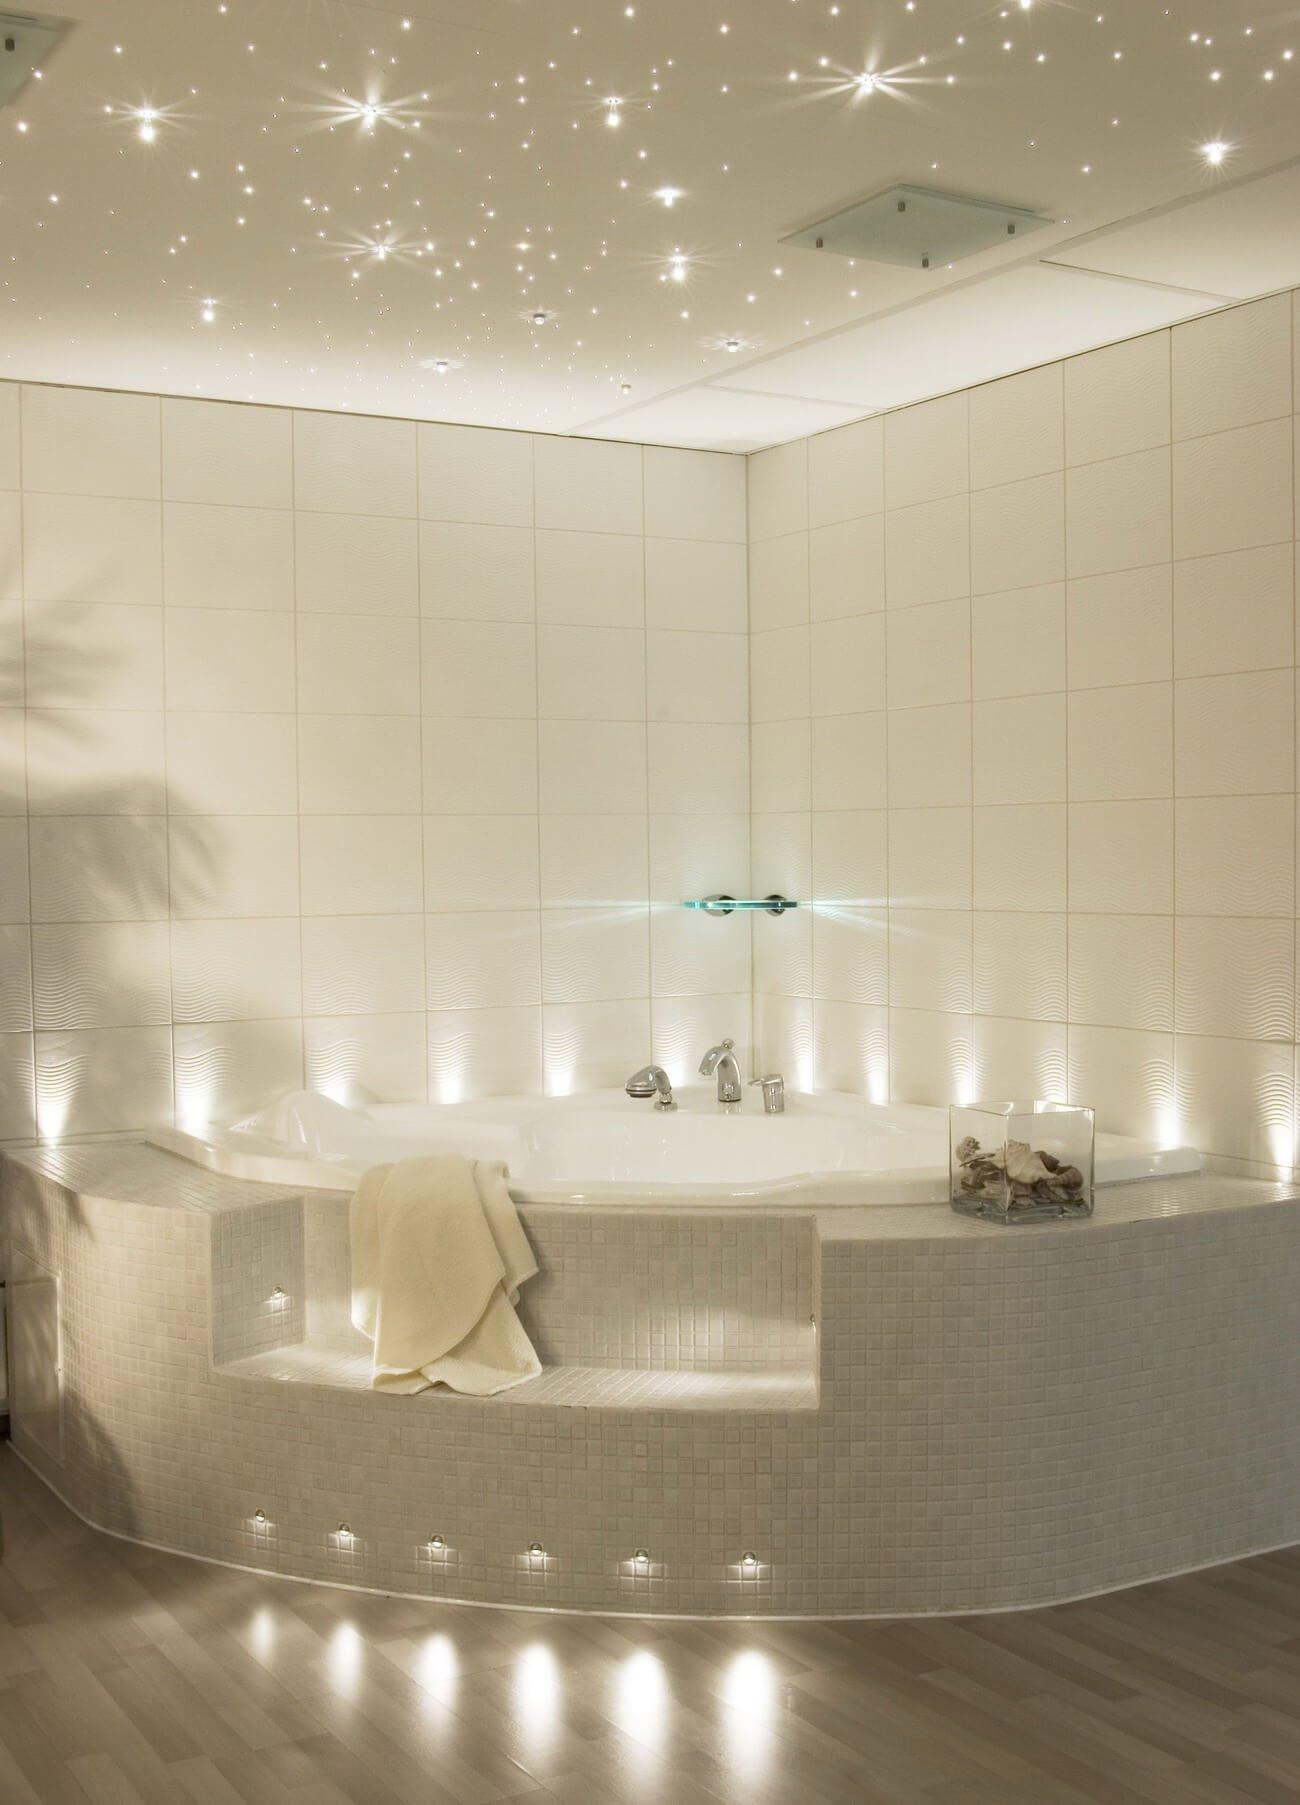 Потолок в ванной в виде звездного неба